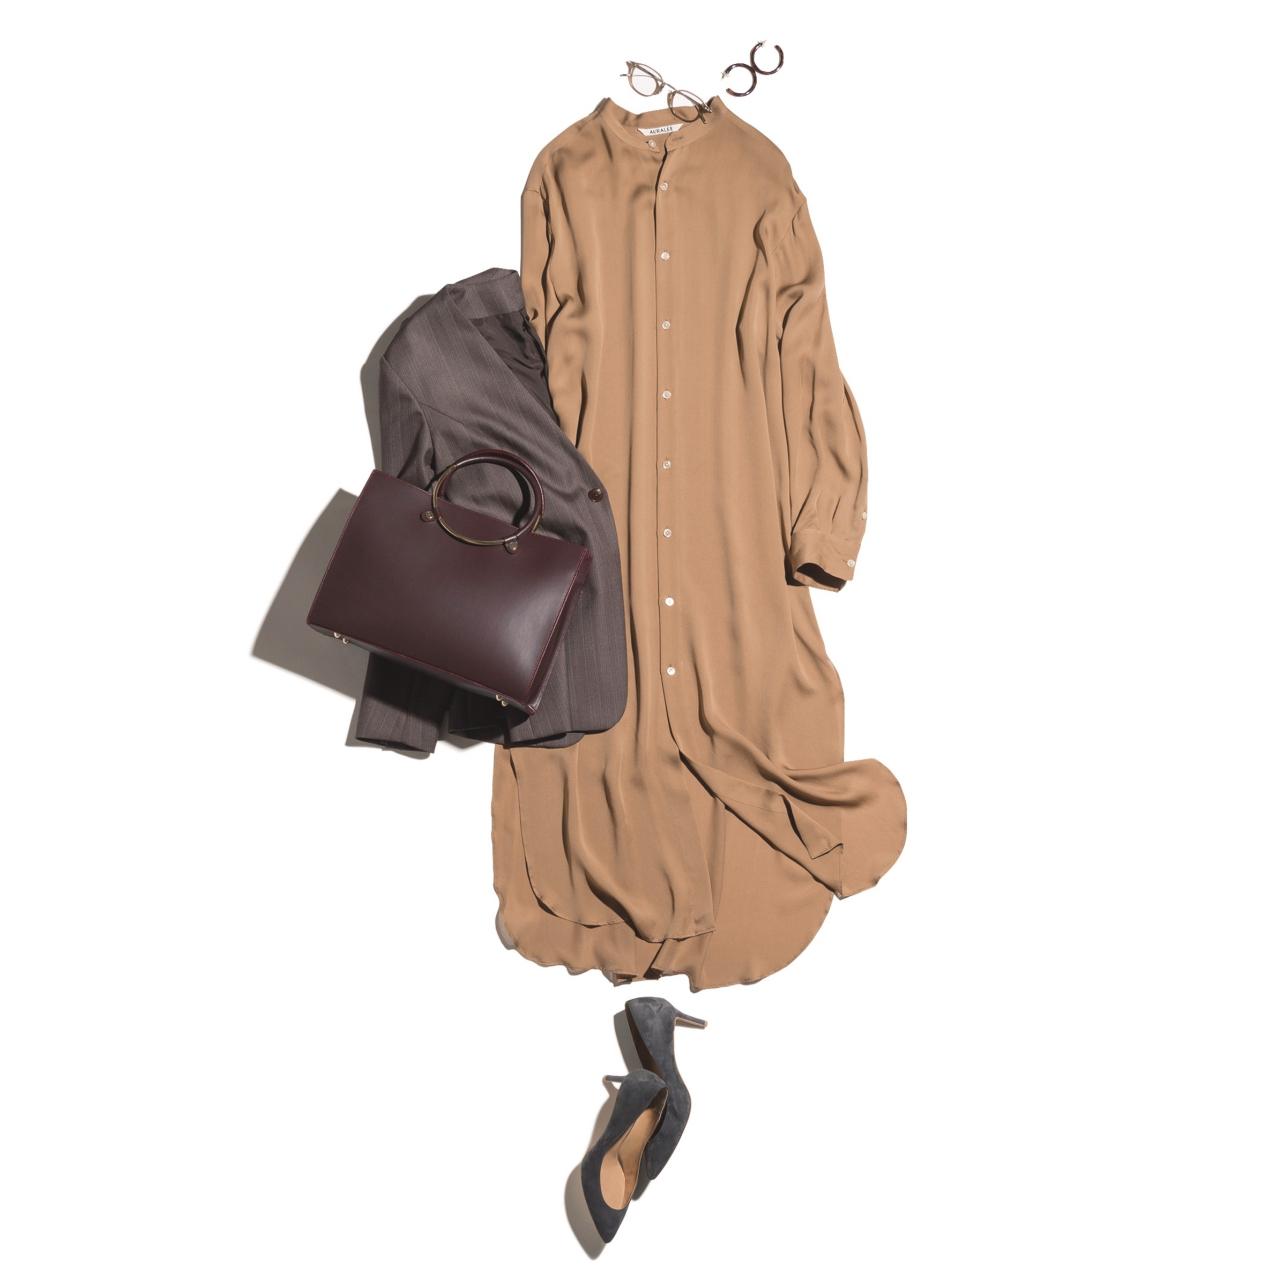 40代のためのシャツワンピース着こなし実例集 アラフォーファッション_1_9